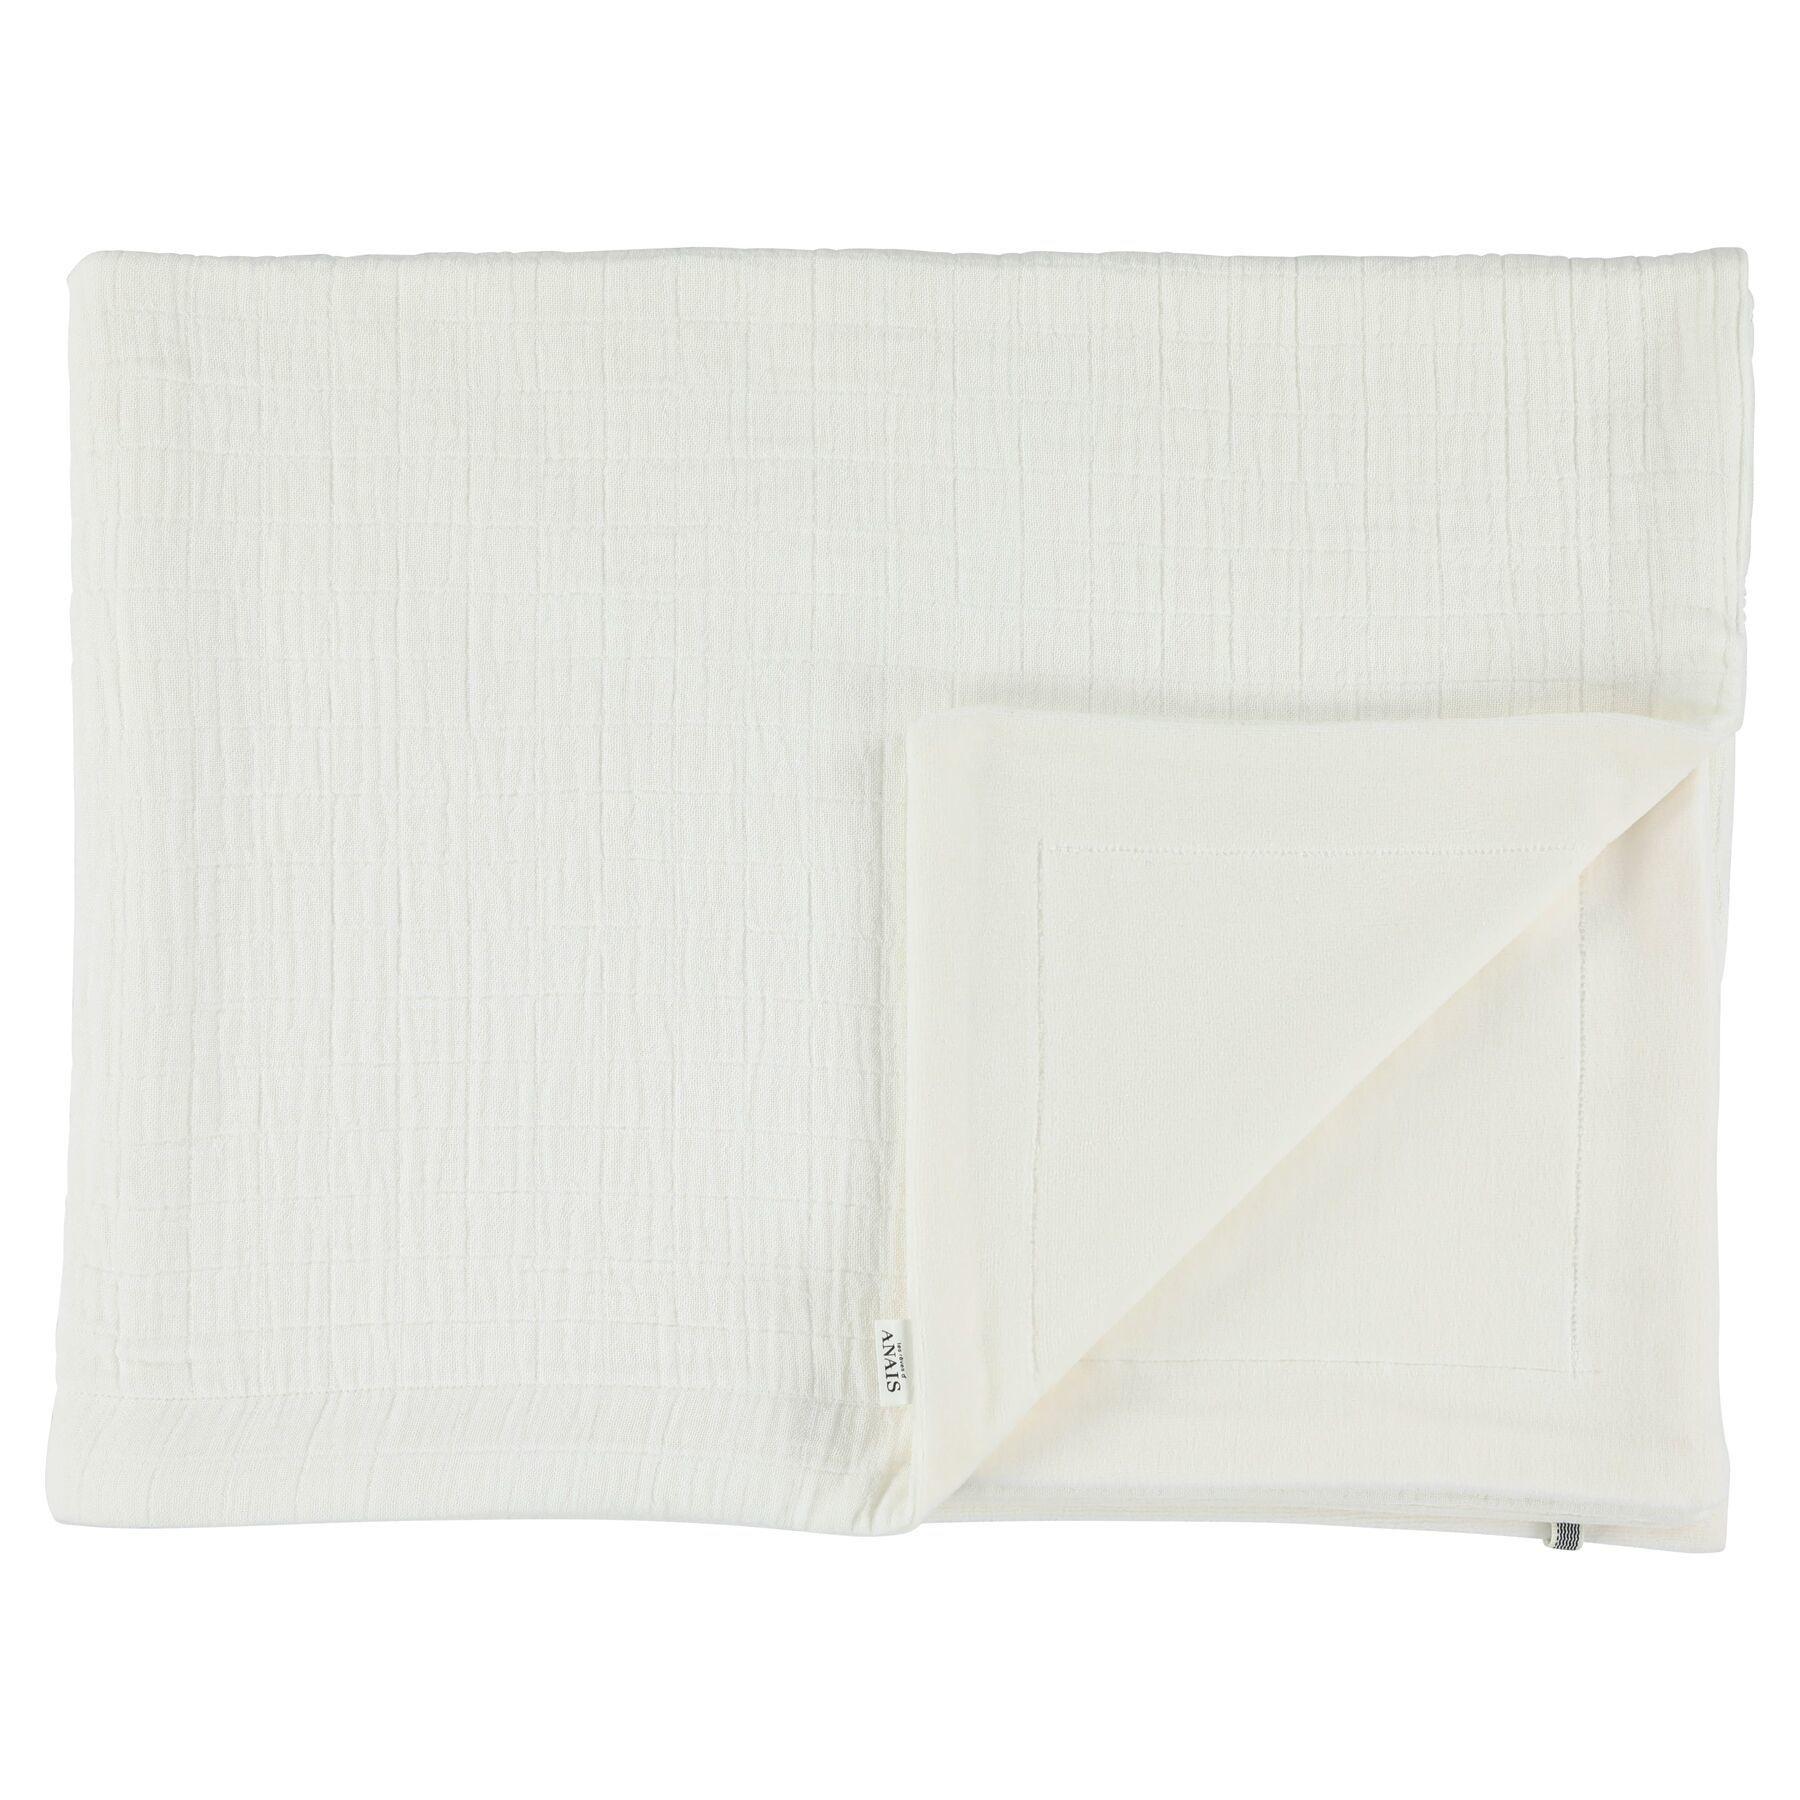 Les Rêves d'Anais Blanket 75x100cm Bliss White & Fleece